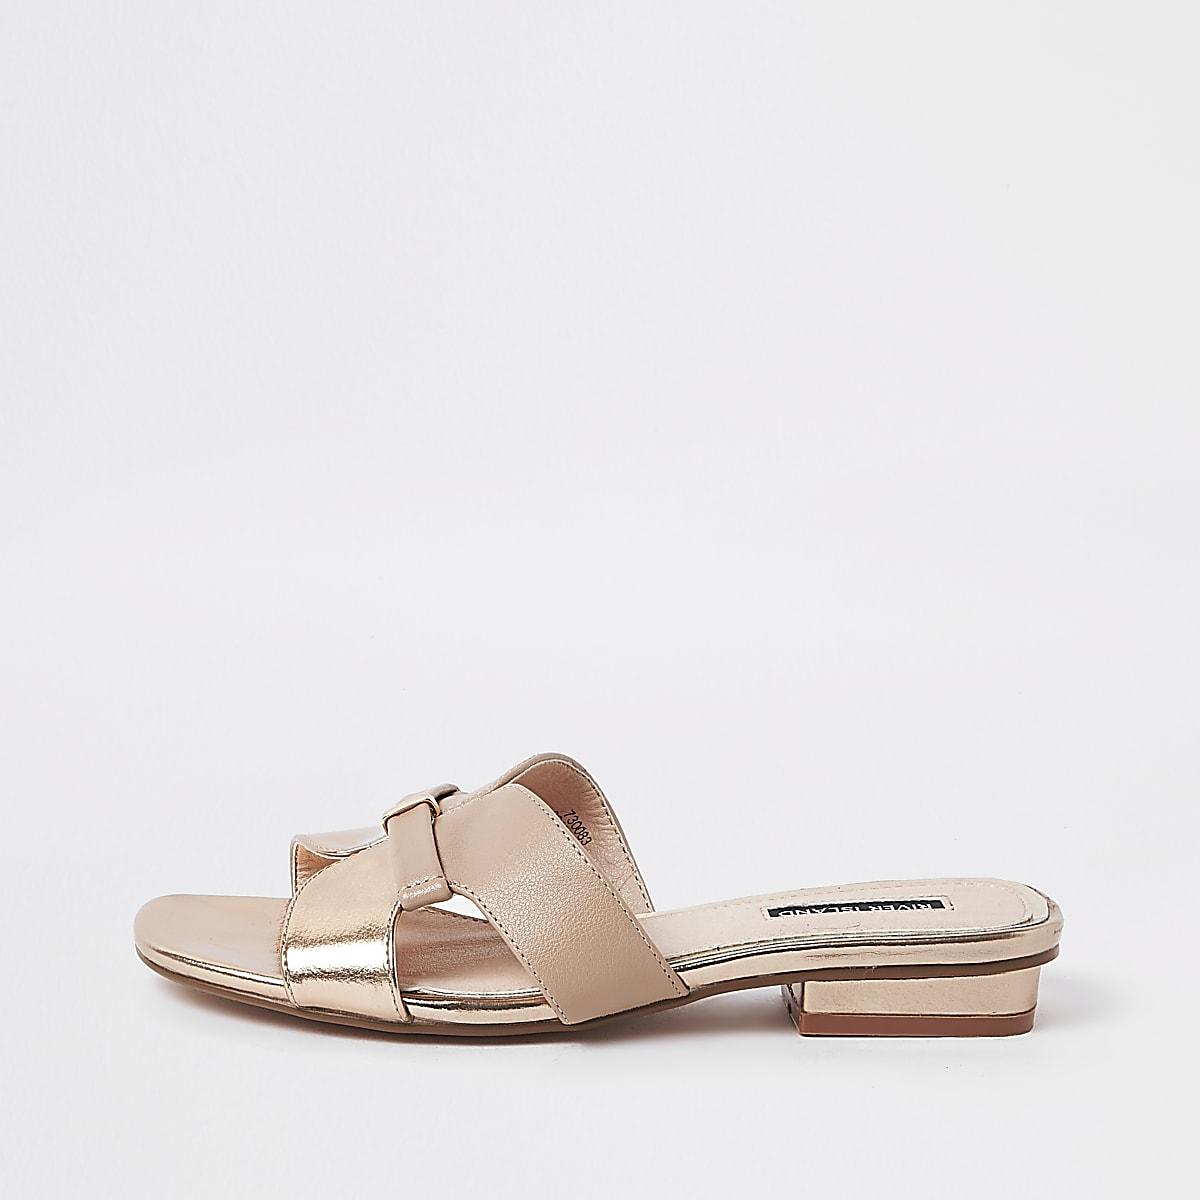 bb89ce2d35f Rose gold faux leather flat mule sandals - Sandals - Shoes   Boots - women